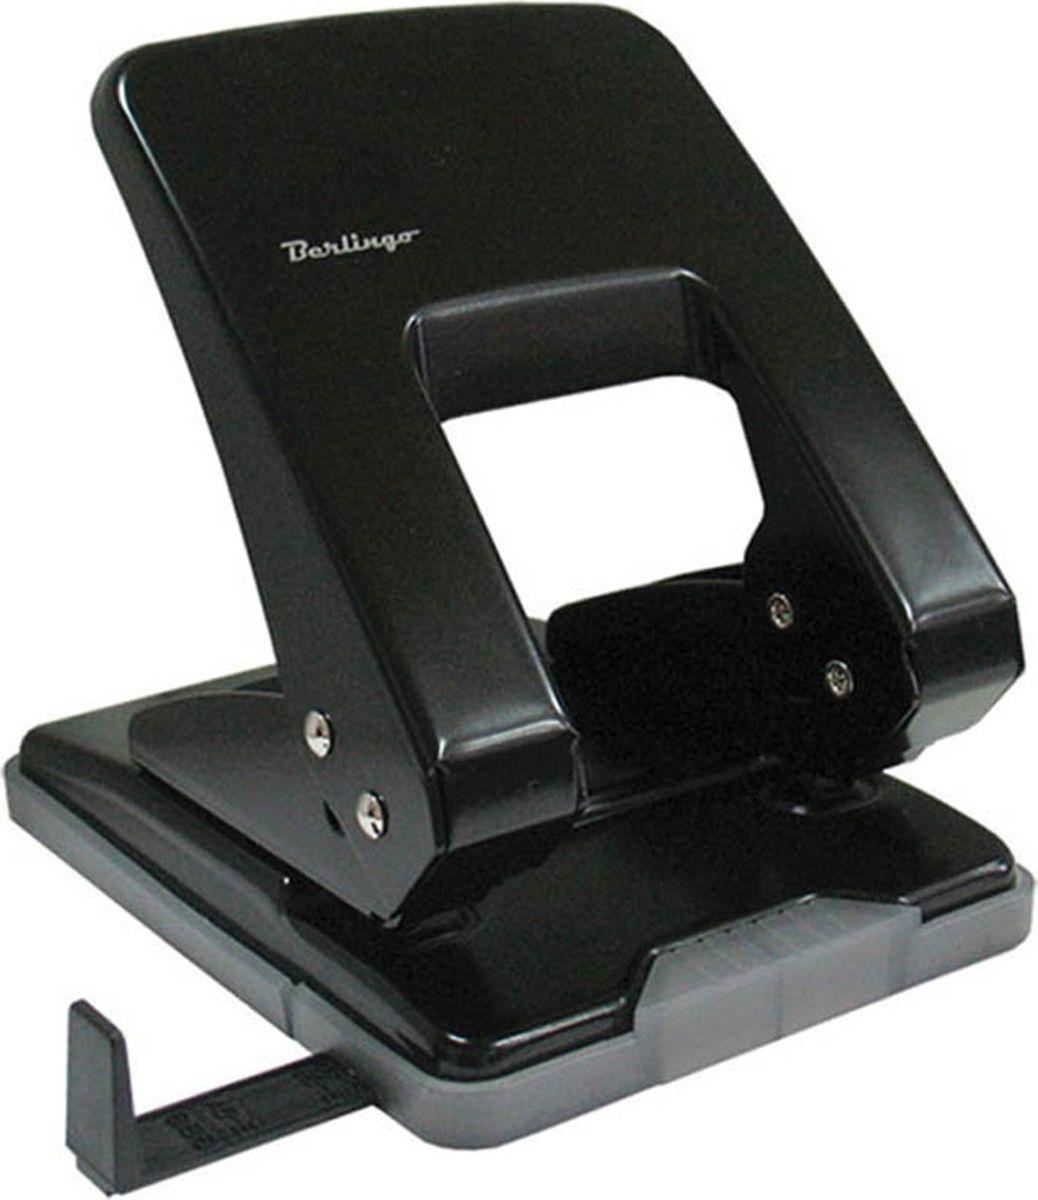 Berlingo Дырокол с линейкой на 40 листов цвет черныйDDm_40071Цельнометаллический дырокол Berlingo позволяет перфорировать документы для последующей подшивки. Надежный механизм, острые ножи. Форматная линейка. Удобный пластиковый поддон для конфетти. Блокировка для компактного хранения. Пробивная способность до 40 листов.Диаметр прокола: 6 мм. Шаг перфорации: 80 мм.